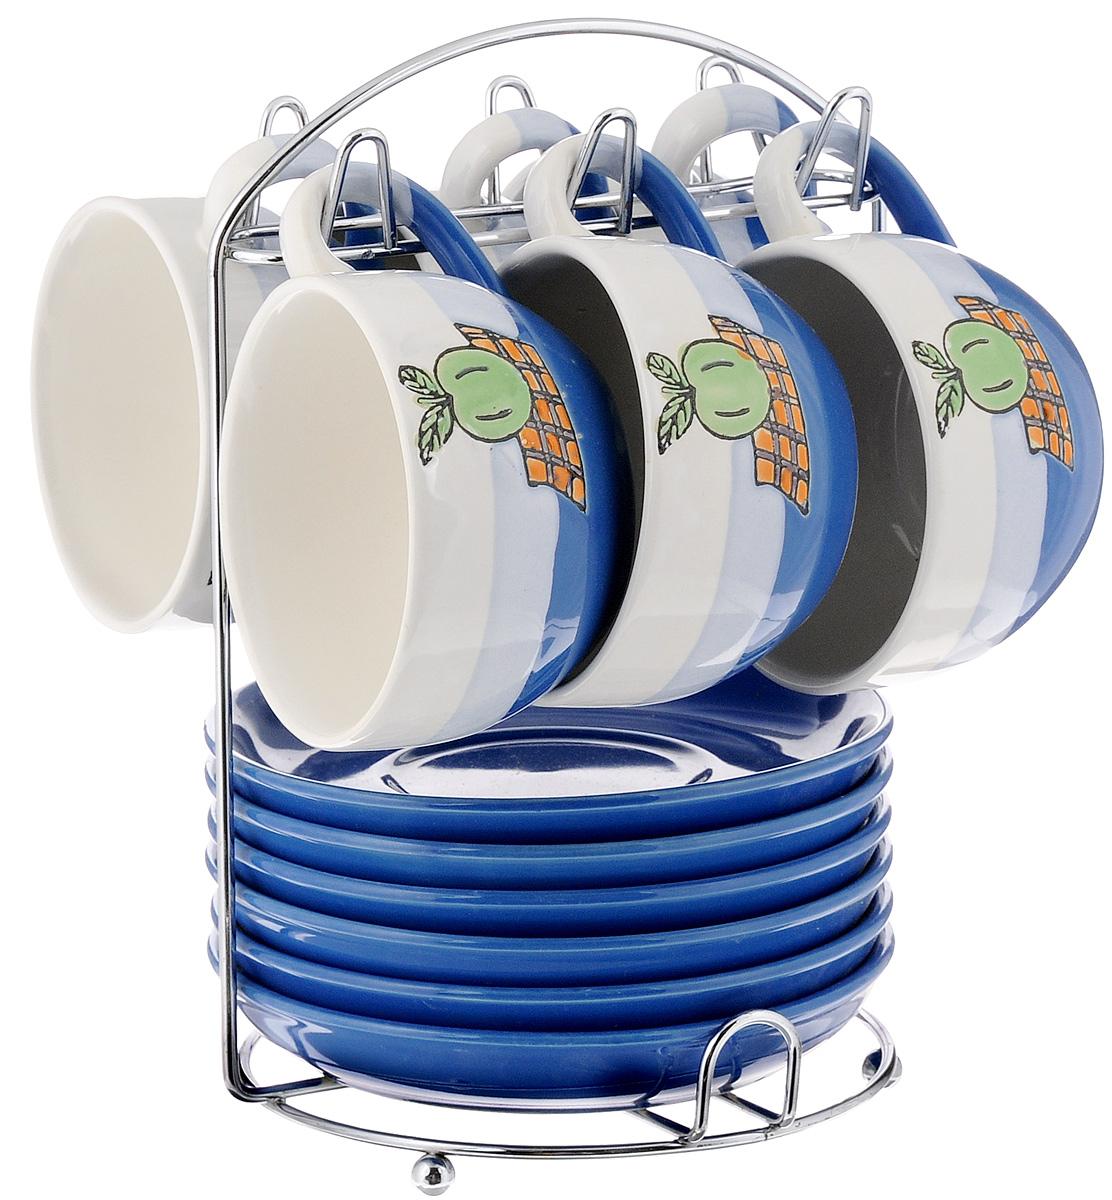 Набор чайный Calve. Яблоко, на подставке, 13 предметовCL-2022_синий, белый, голубойНабор Calve. Яблоко состоит из шести чашек и шести блюдец, изготовленных из высококачественного фарфора. Чашки оформлены красочным рисунком. Изделия расположены на металлической подставке. Такой набор подходит для подачи чая или кофе. Изящный дизайн придется по вкусу и ценителям классики, и тем, кто предпочитает утонченность и изысканность. Он настроит на позитивный лад и подарит хорошее настроение с самого утра. Чайный набор Calve. Яблоко - идеальный и необходимый подарок для вашего дома и для ваших друзей в праздники. Можно мыть в посудомоечной машине. Объем чашки: 220 мл. Диаметр чашки (по верхнему краю): 9,5 см. Высота чашки: 6,3 см. Диаметр блюдца: 14,5 см. Высота блюдца: 2,3 см. Размер подставки: 16,5 х 16 х 22,5 см.